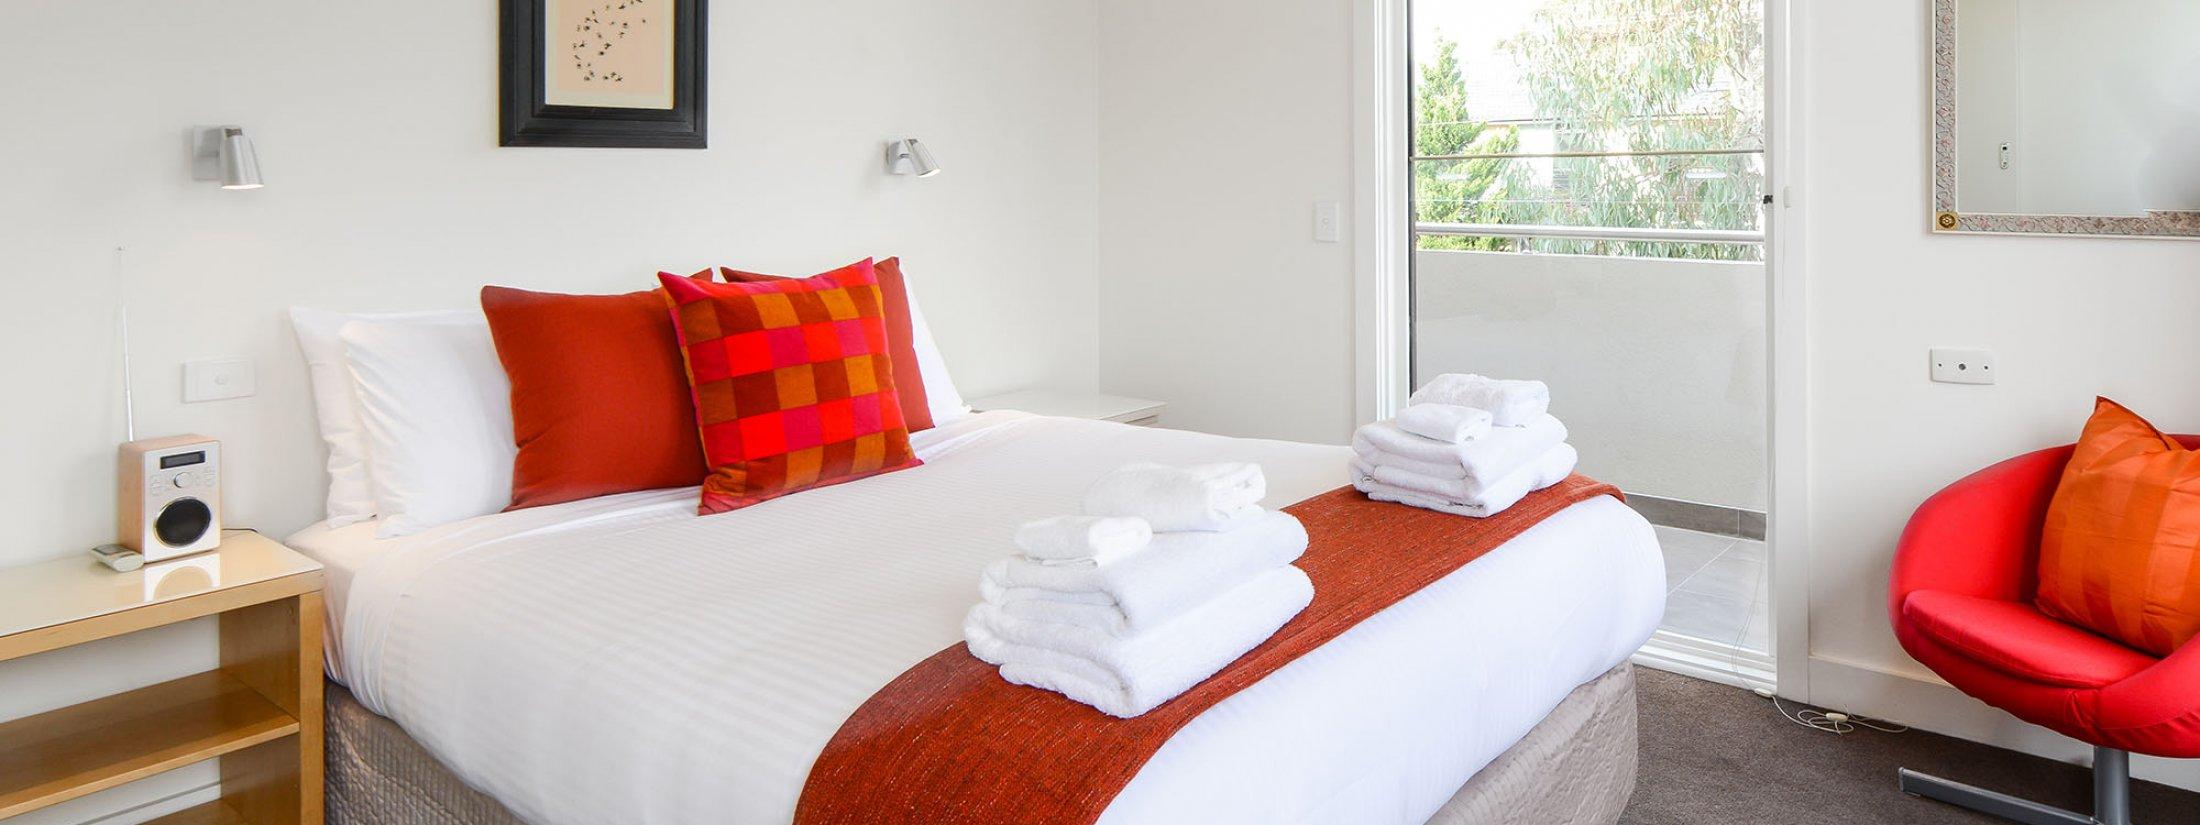 Maple on Kent - Glen Iris - Bedroom 3